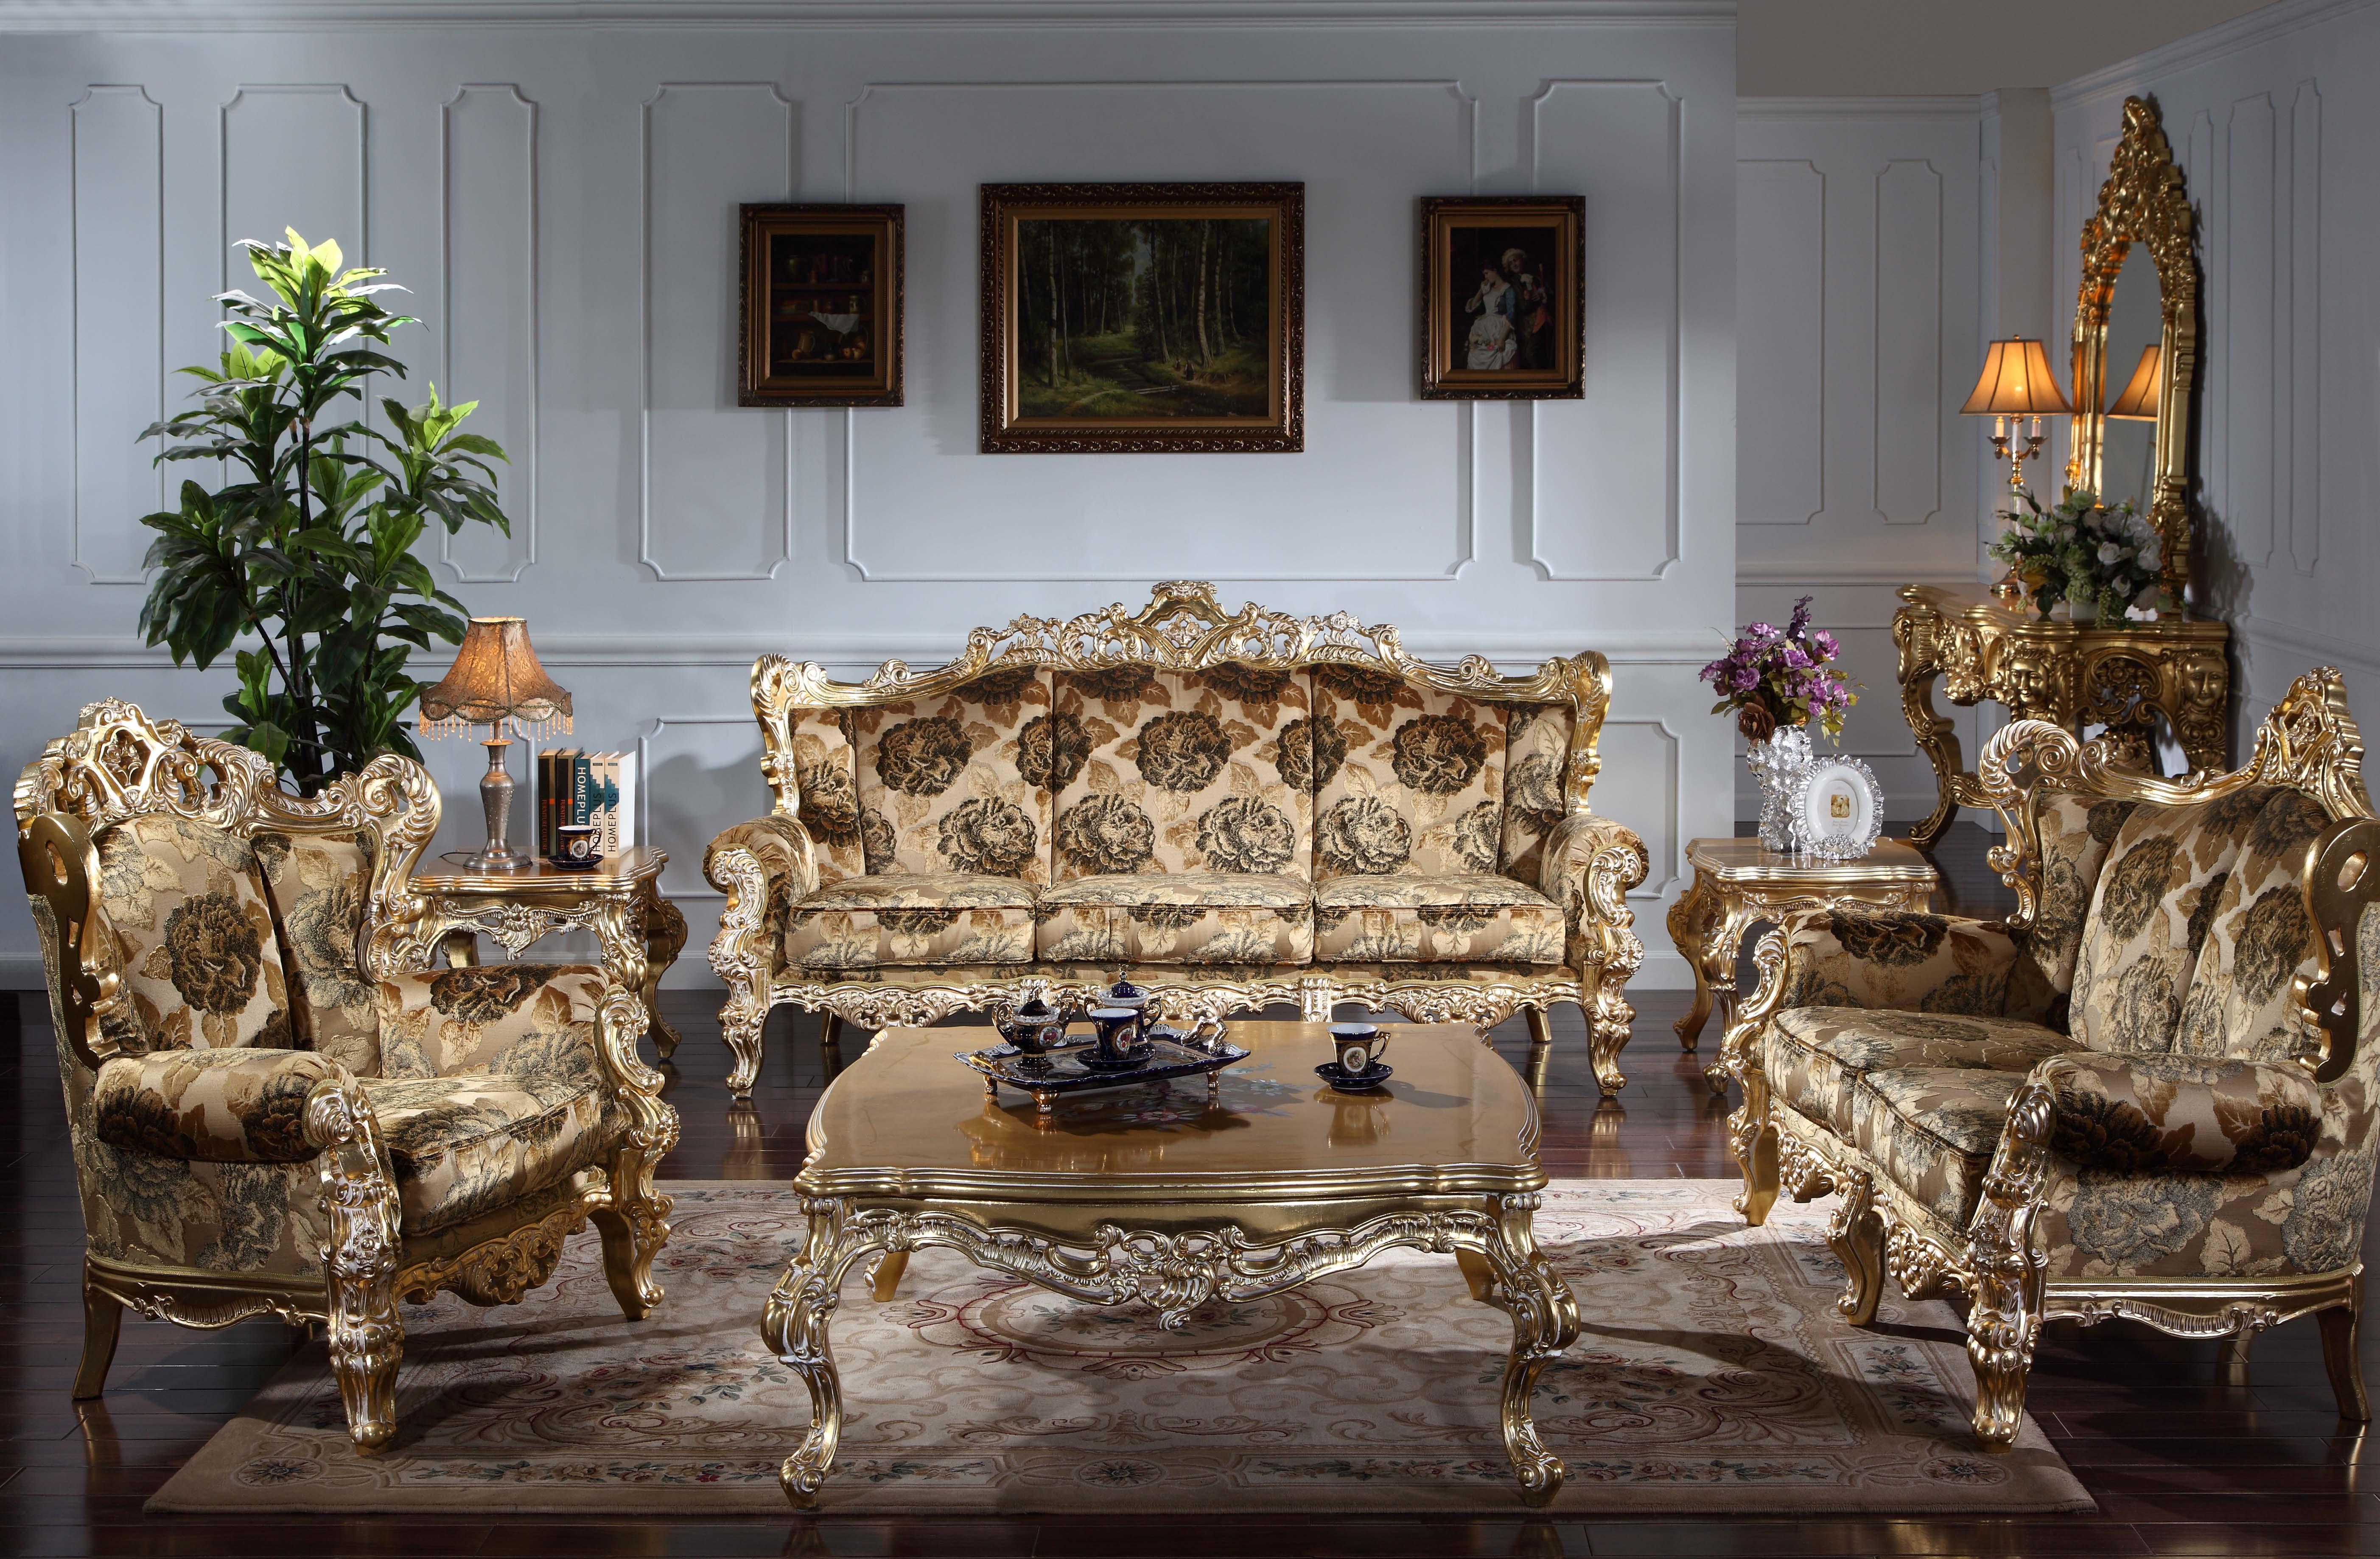 Mobili soggiorno classico barocco - Divano classico europeo con vernice  fessurata - Mobili classici di lusso italiani